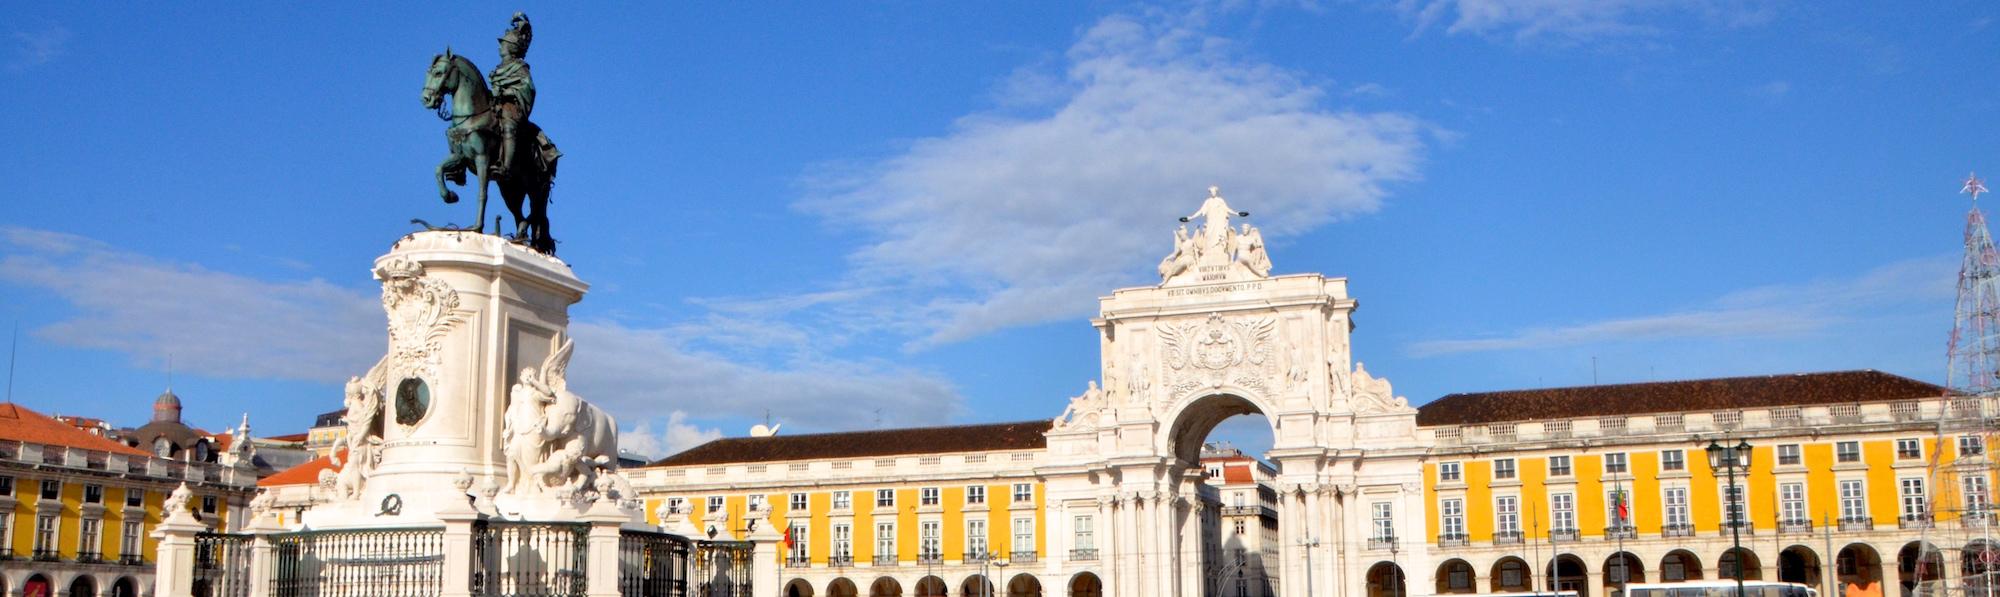 Plaça do comercio, Lisboa